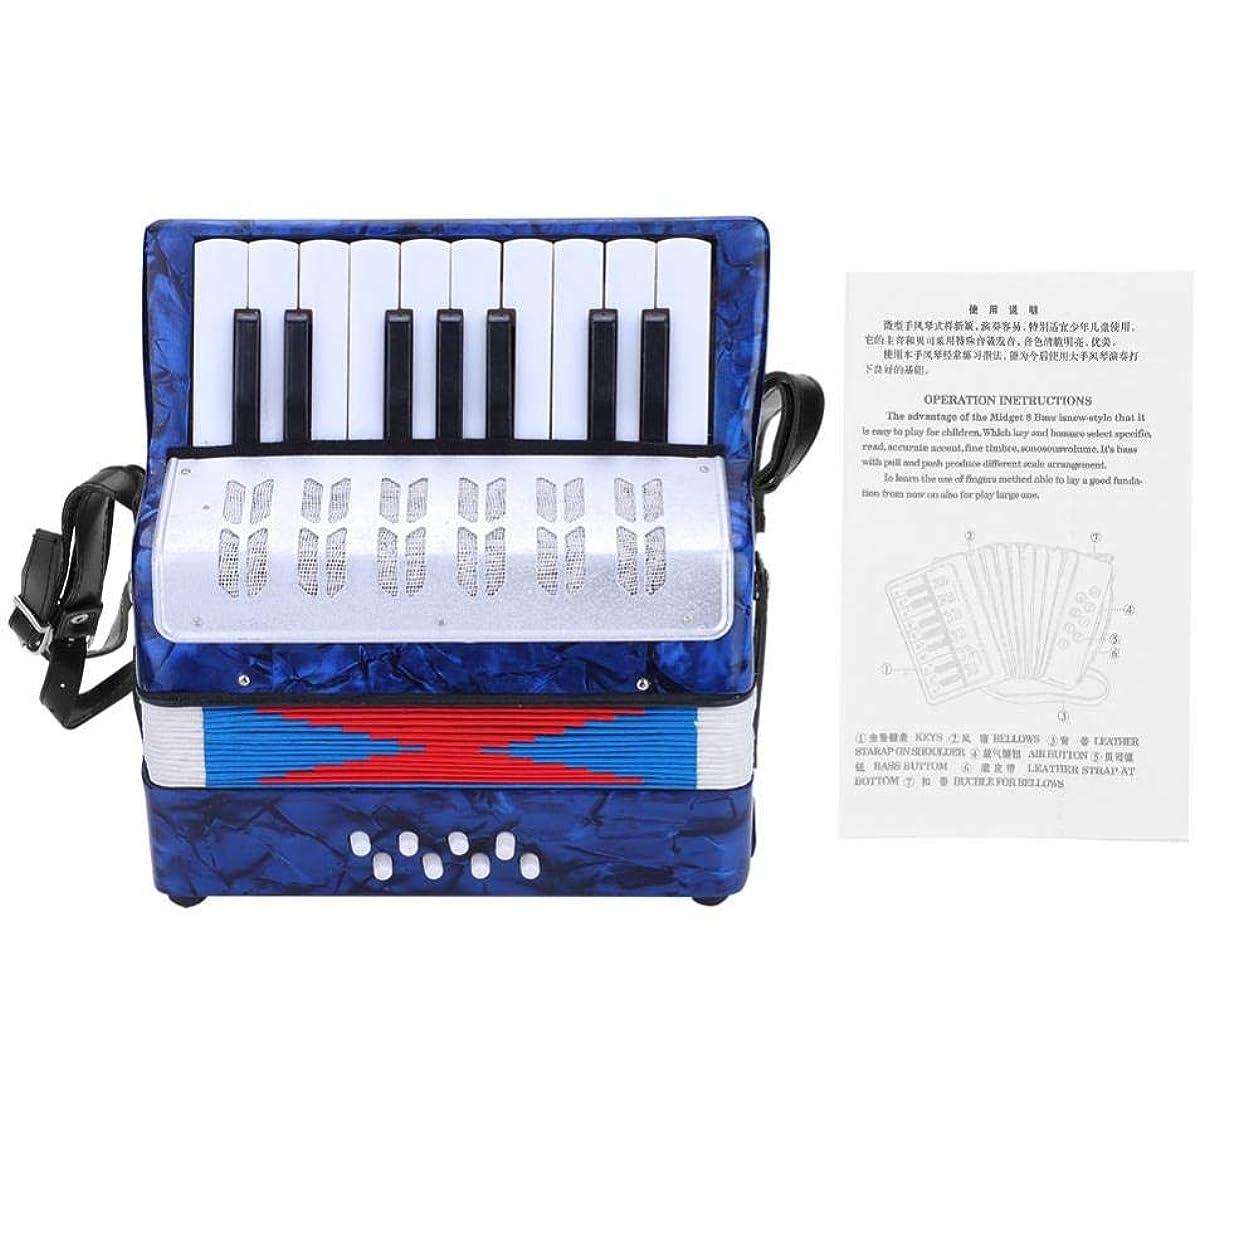 処理する菊火星17キー、8バスミニアコーディオン教育楽器、子供用。 Neufdayytrqhg7c1s-02